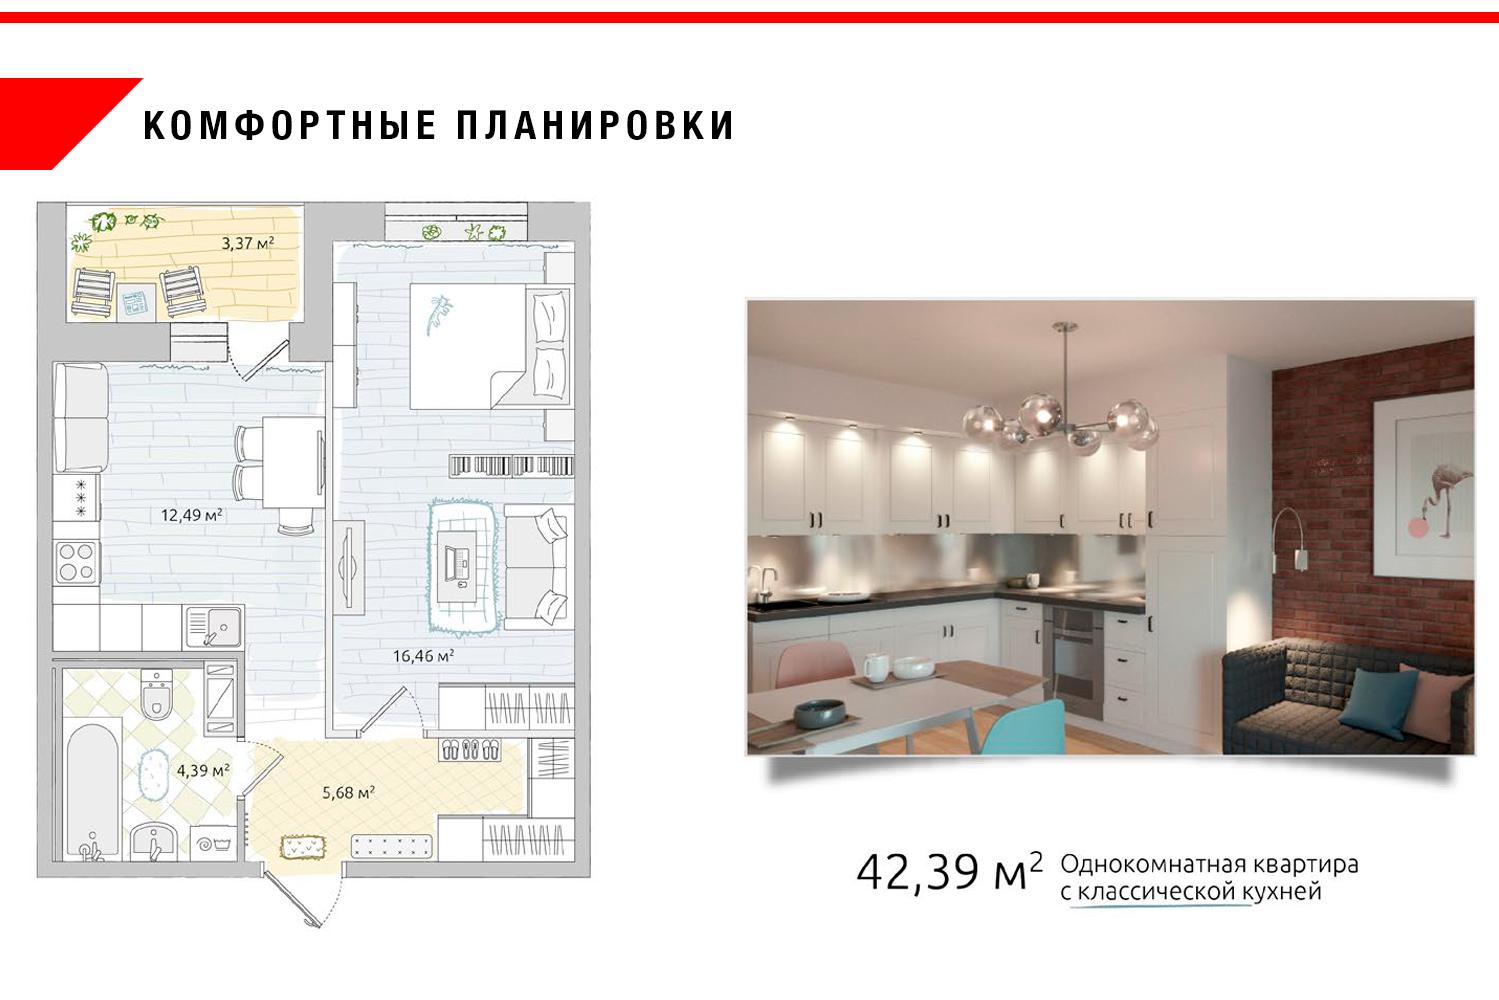 chernaya_rechka_24.png